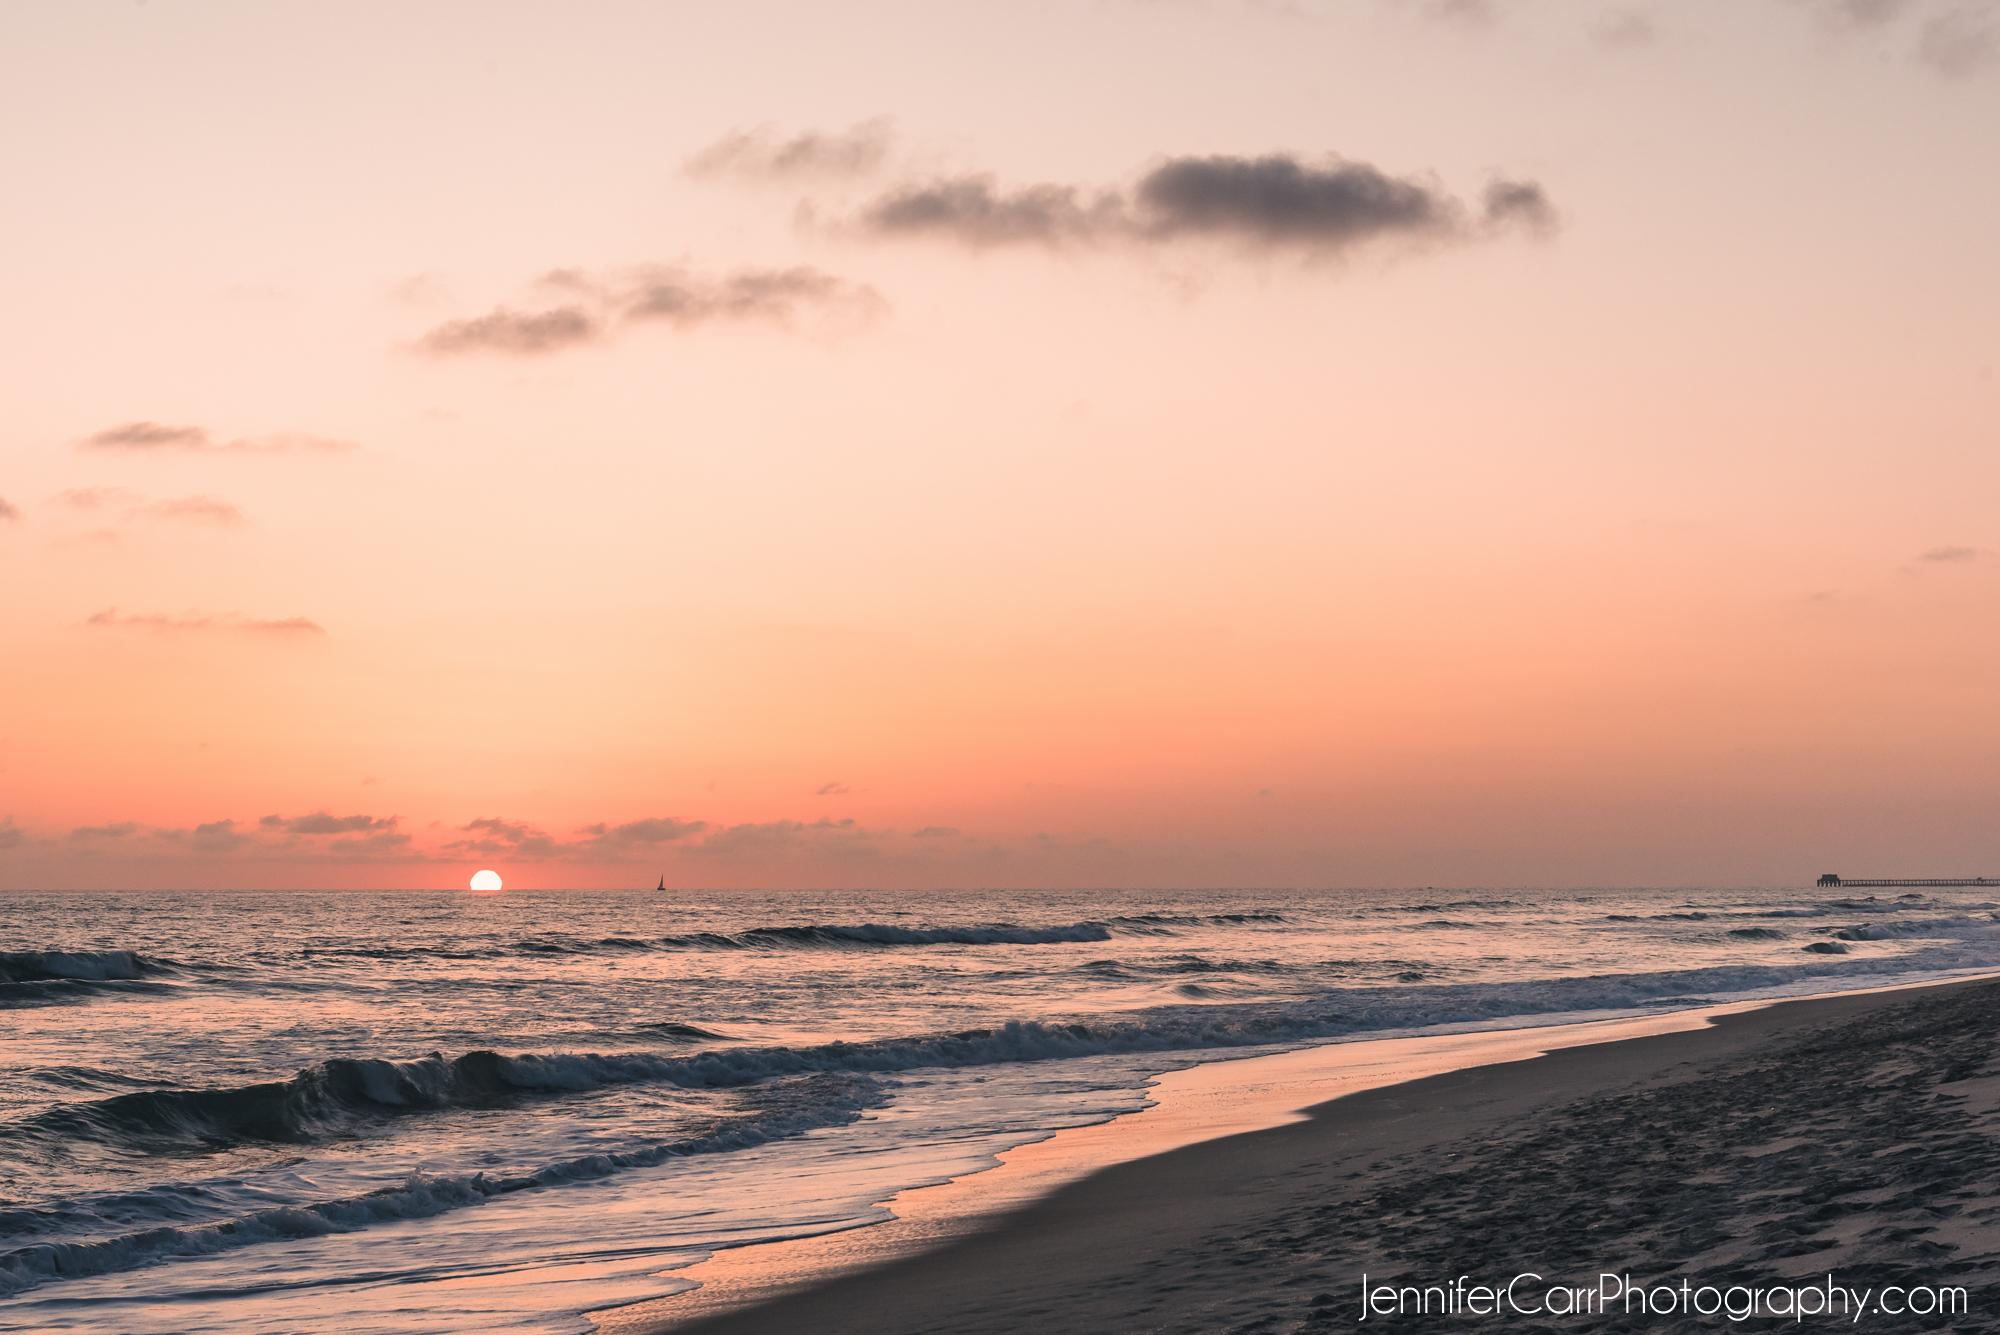 橙色日落,卡尔斯巴德,南加州,卡尔斯巴德旅馆,摄影